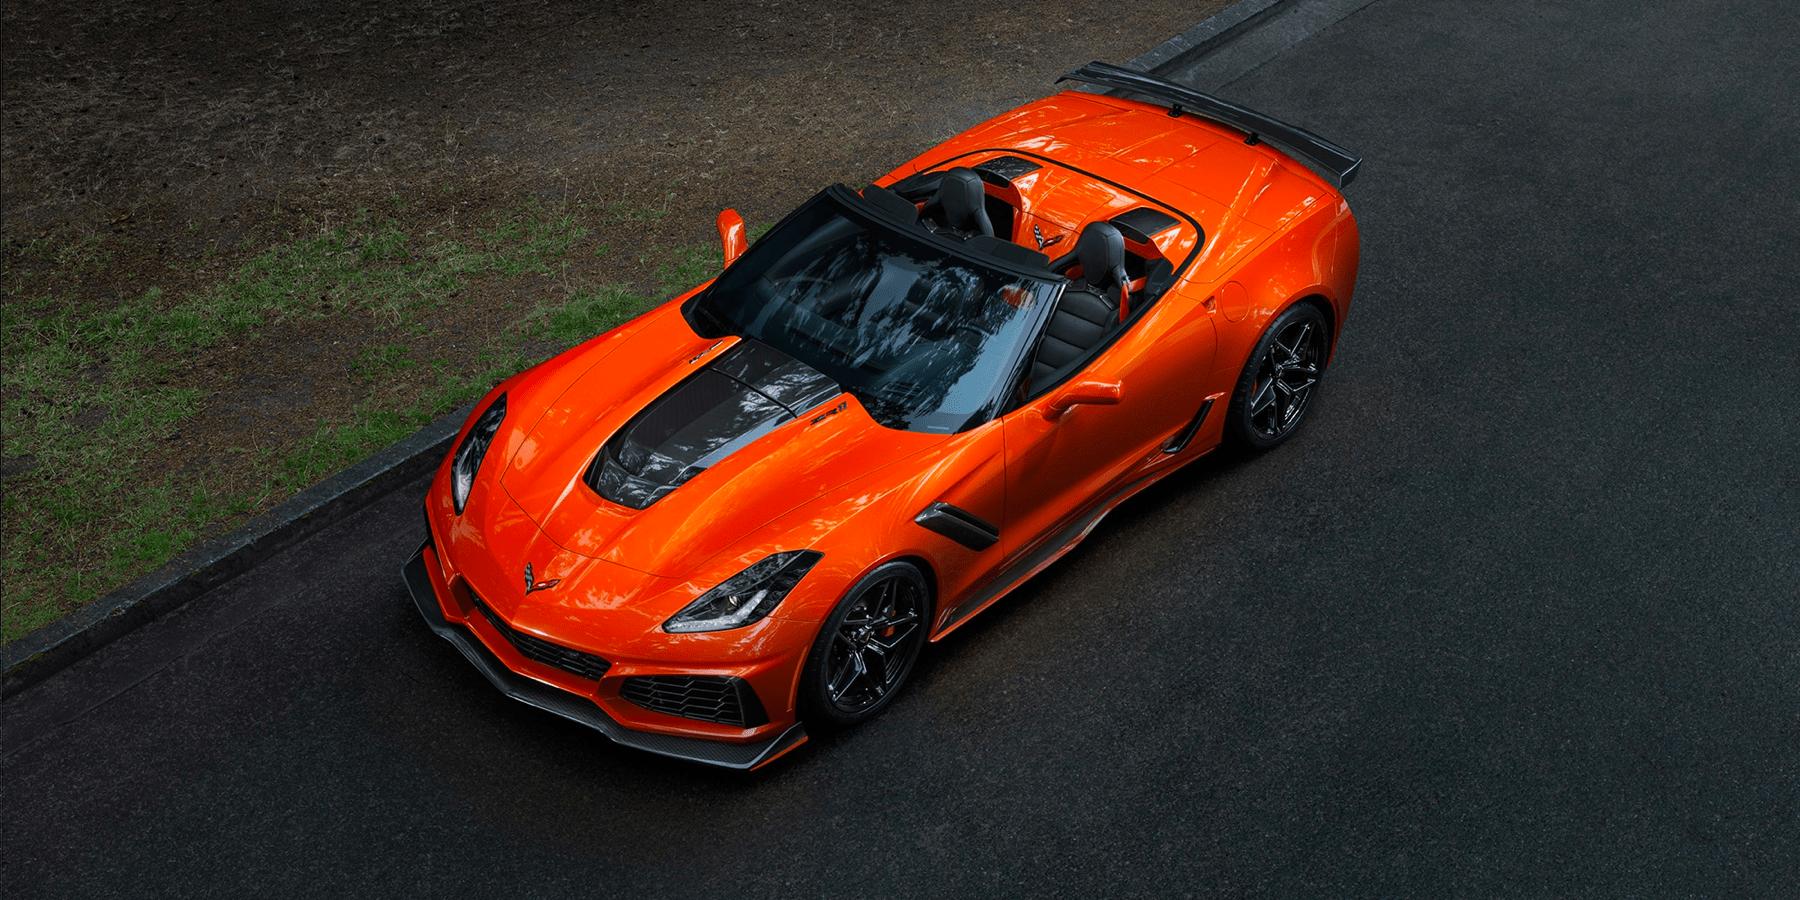 birds eye view looking down on orange Corvette ZR1